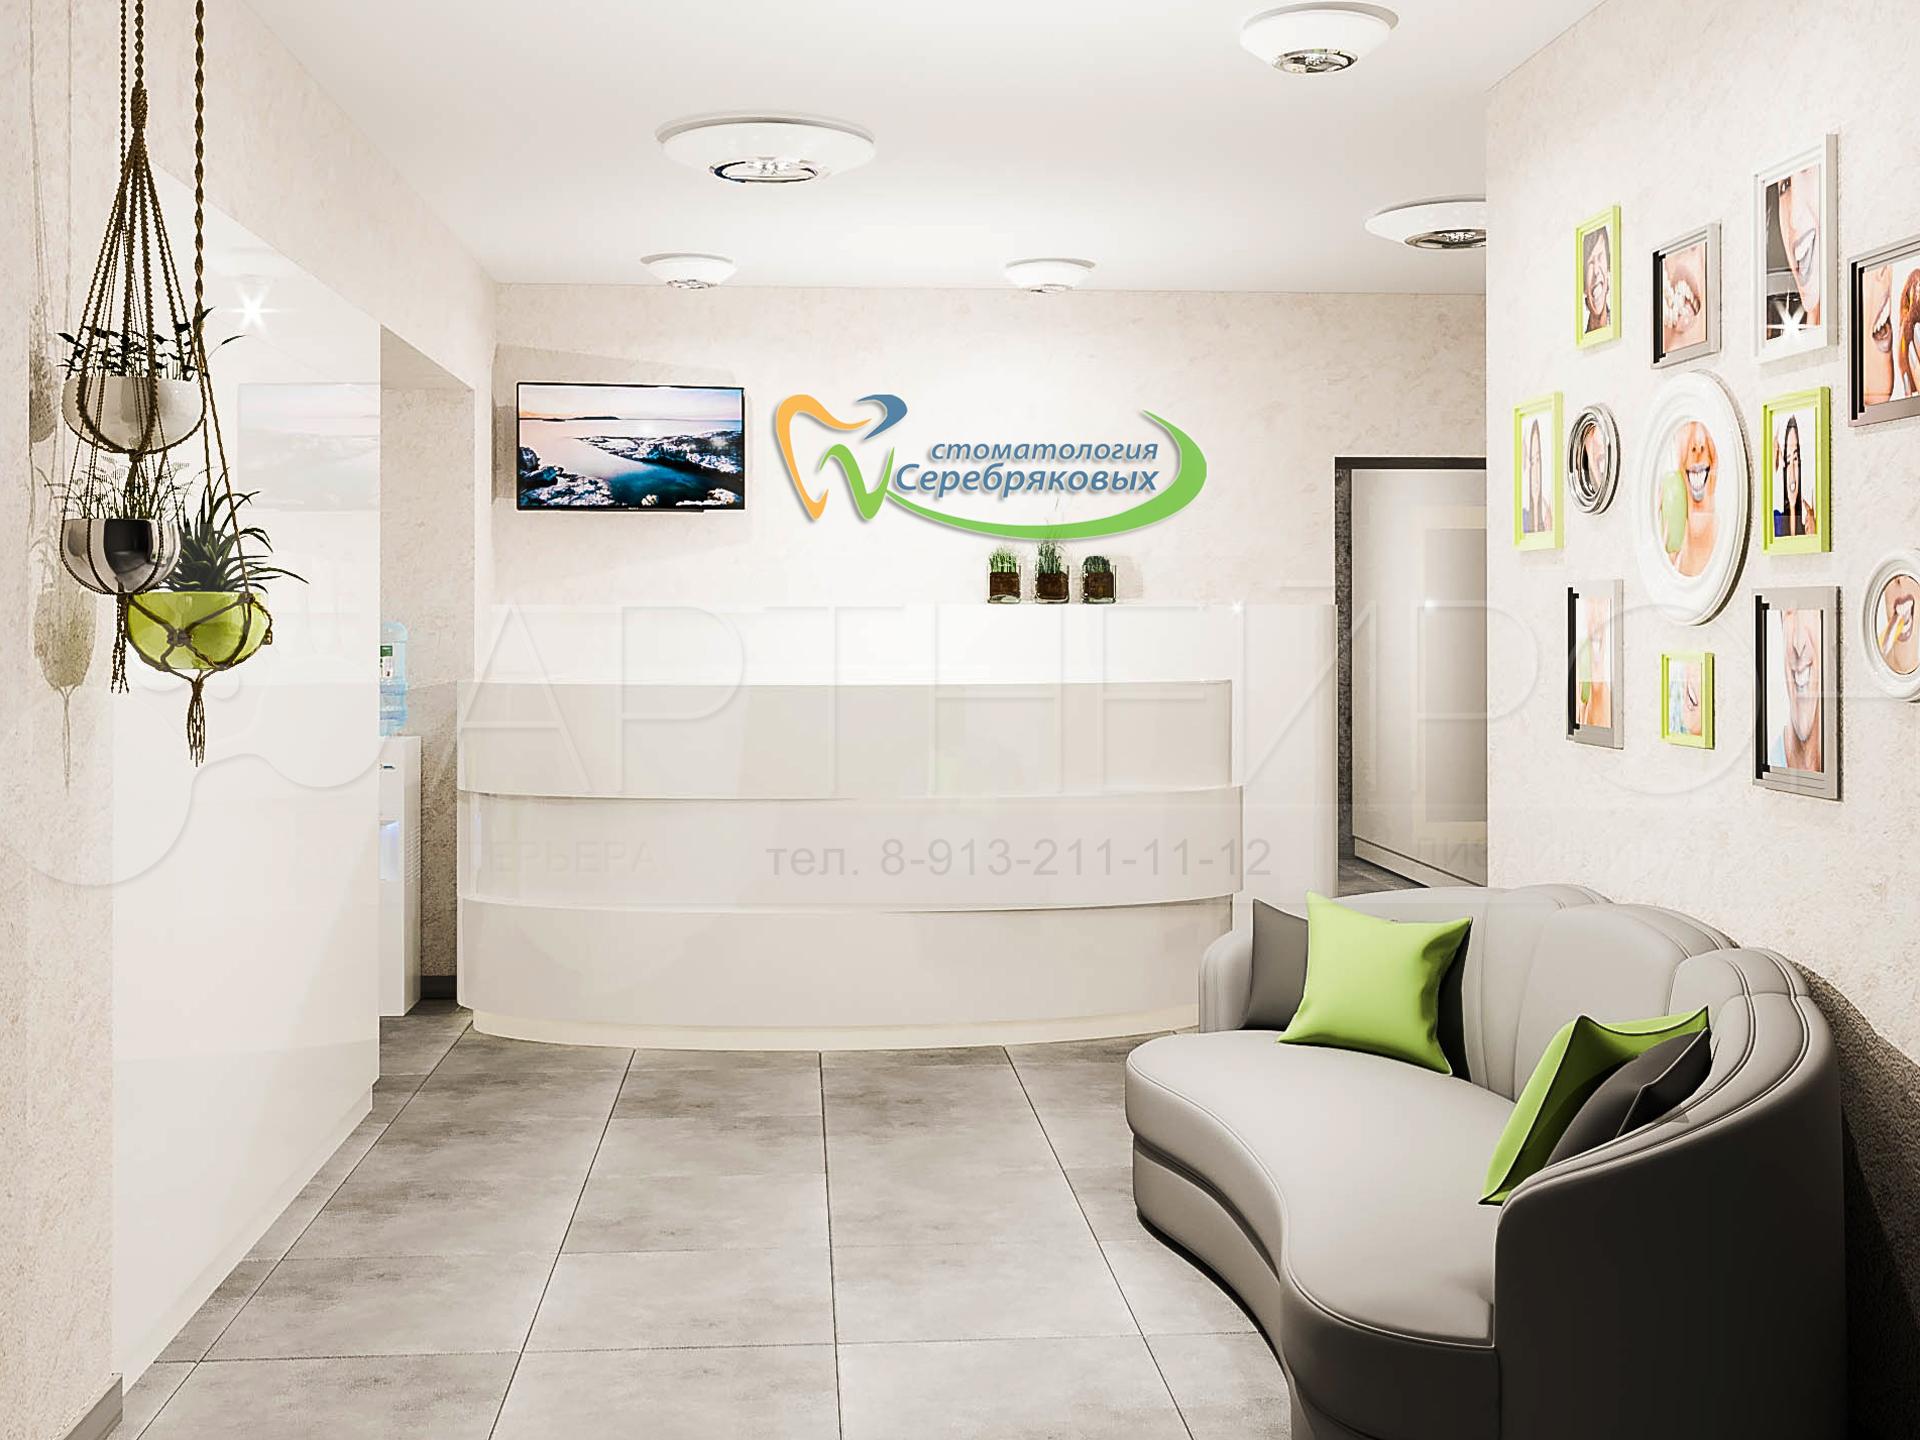 дизайн клиники в Барнауле 2